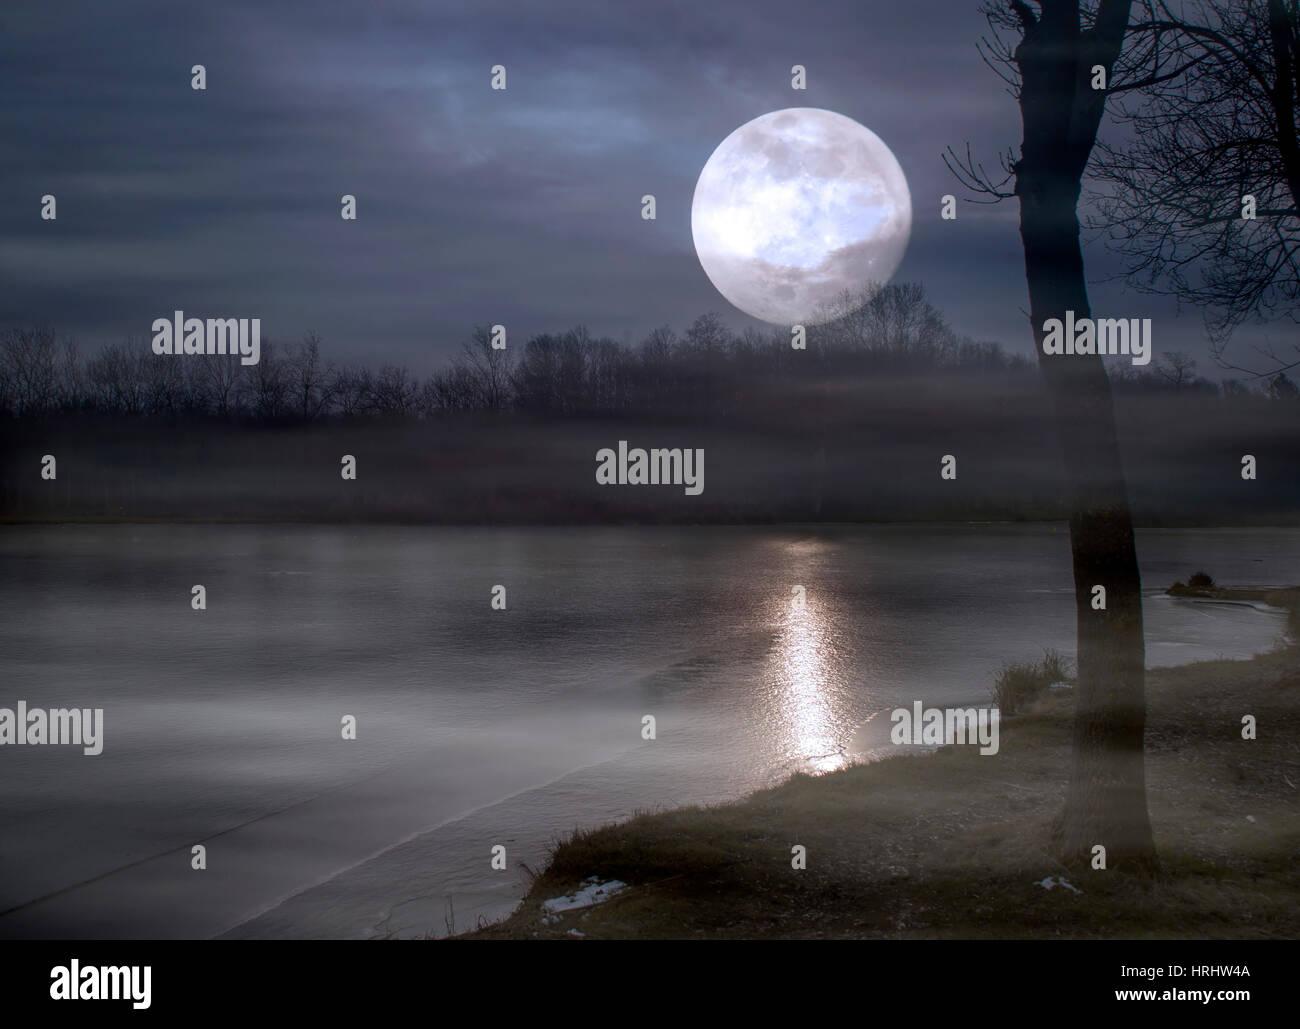 Super moon and lake at night - Stock Image